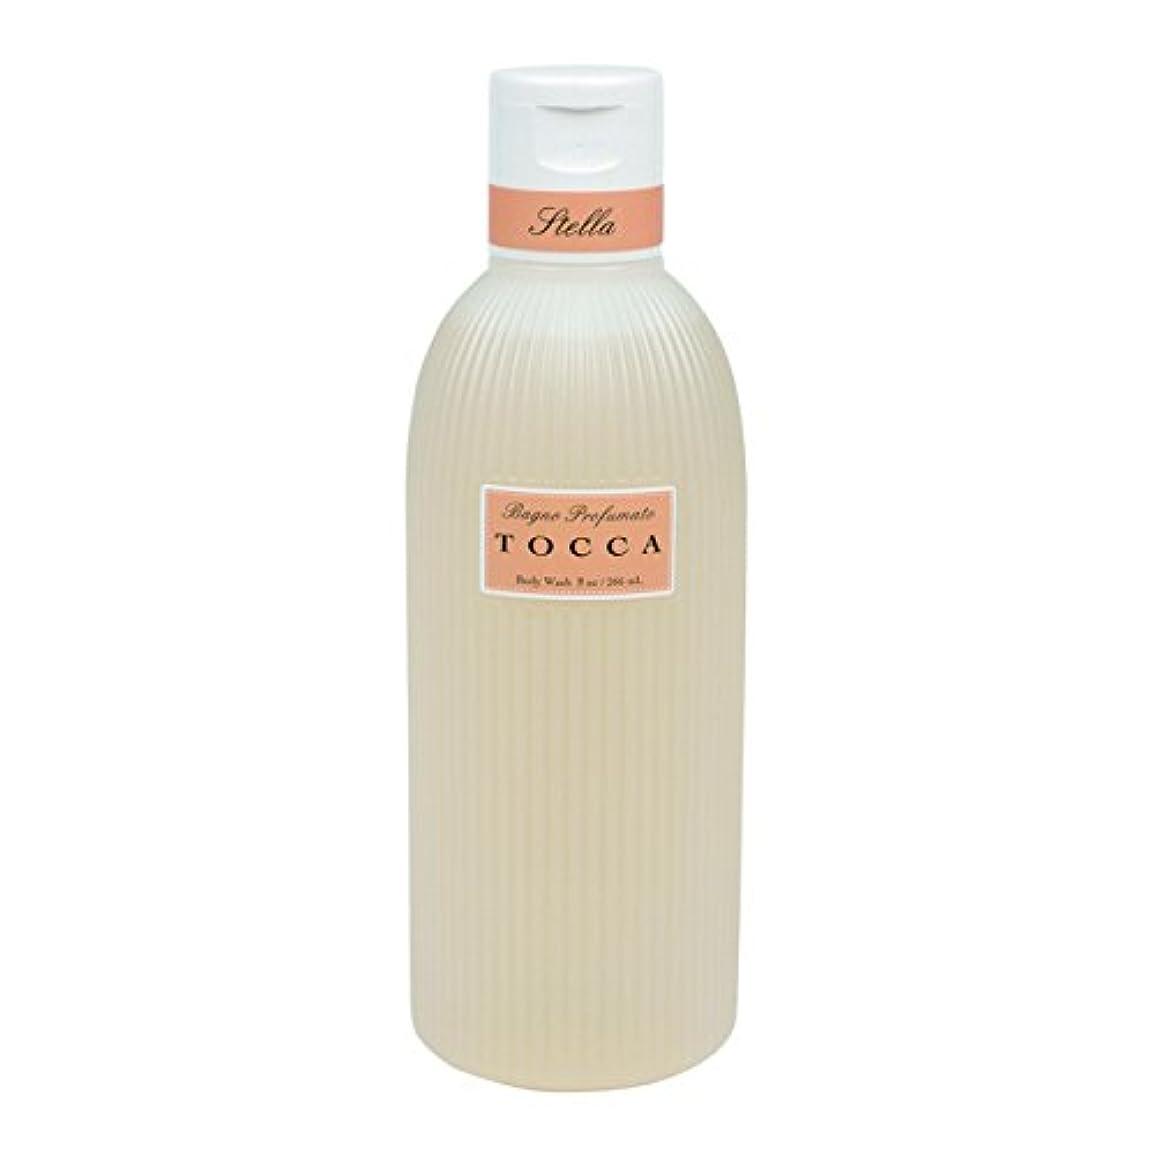 前兆着飾る争うトッカ(TOCCA) ボディーケアウォッシュ ステラの香り  266ml(全身用洗浄料 ボディーソープ イタリアンブラッドオレンジが奏でるフレッシュでビターな爽やかさ漂う香り)